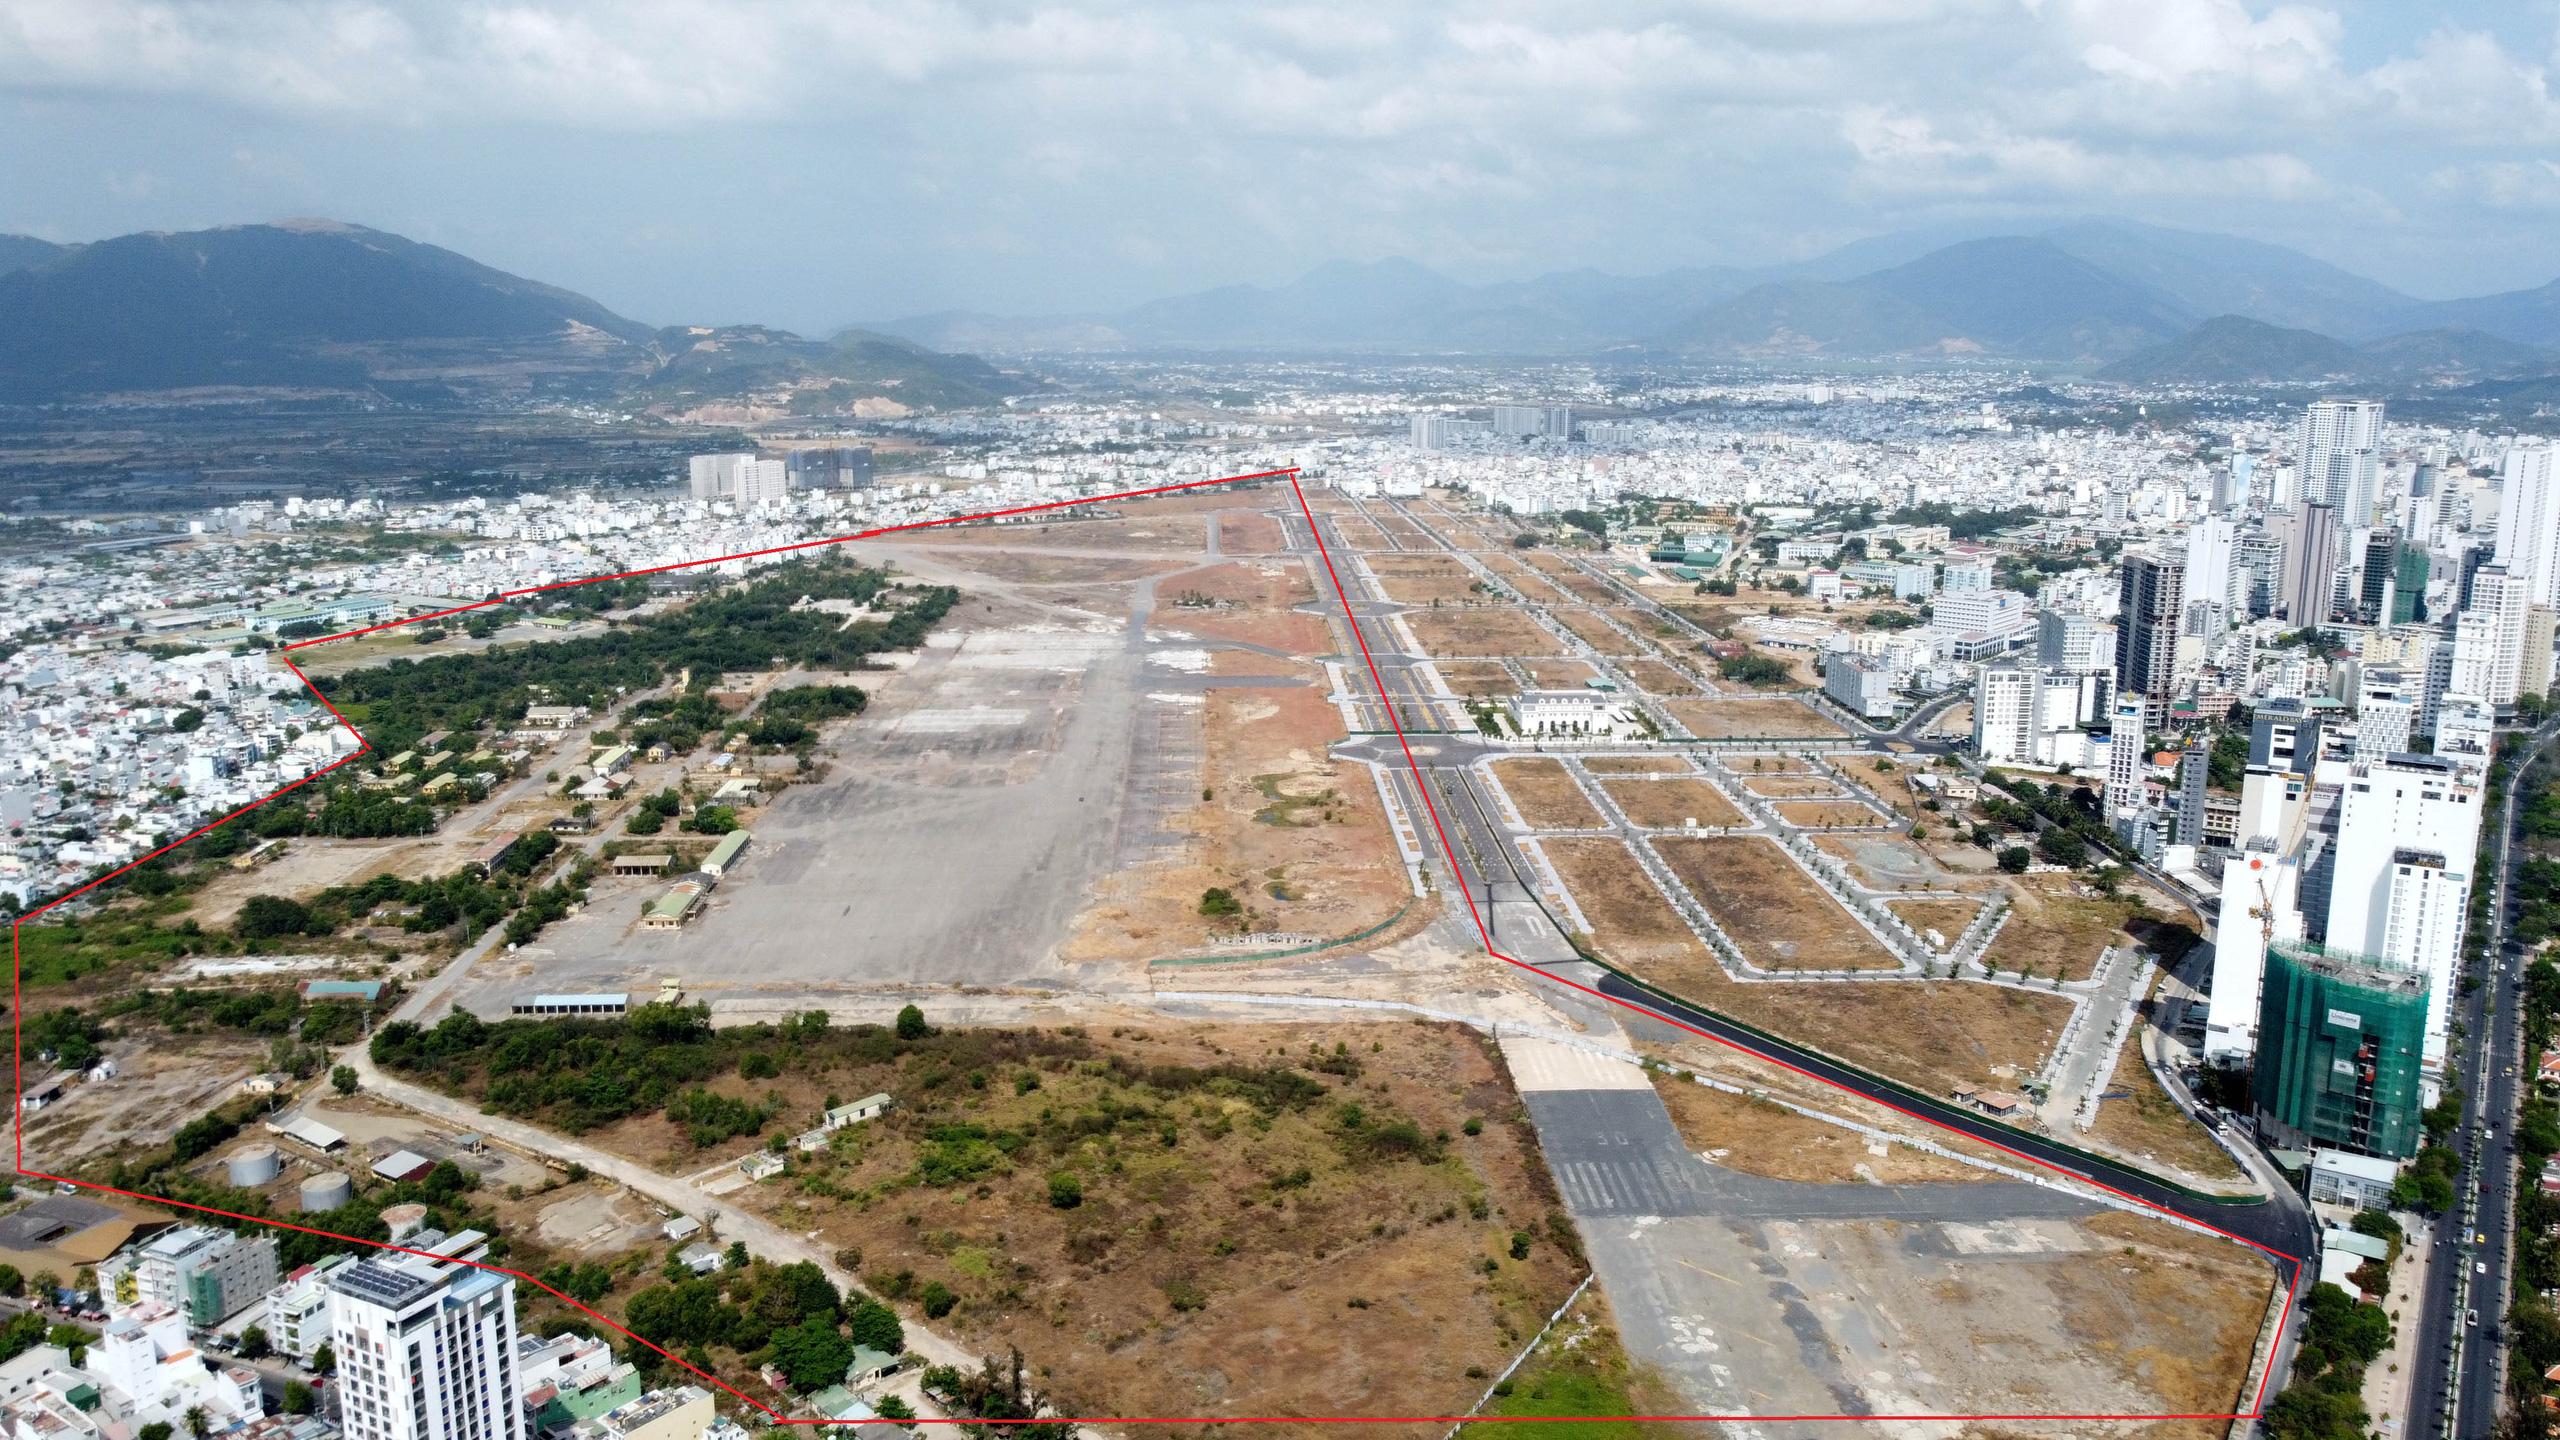 Cận cảnh khu đất sân bay Nha Trang cũ chuẩn bị đấu giá đất - Ảnh 1.